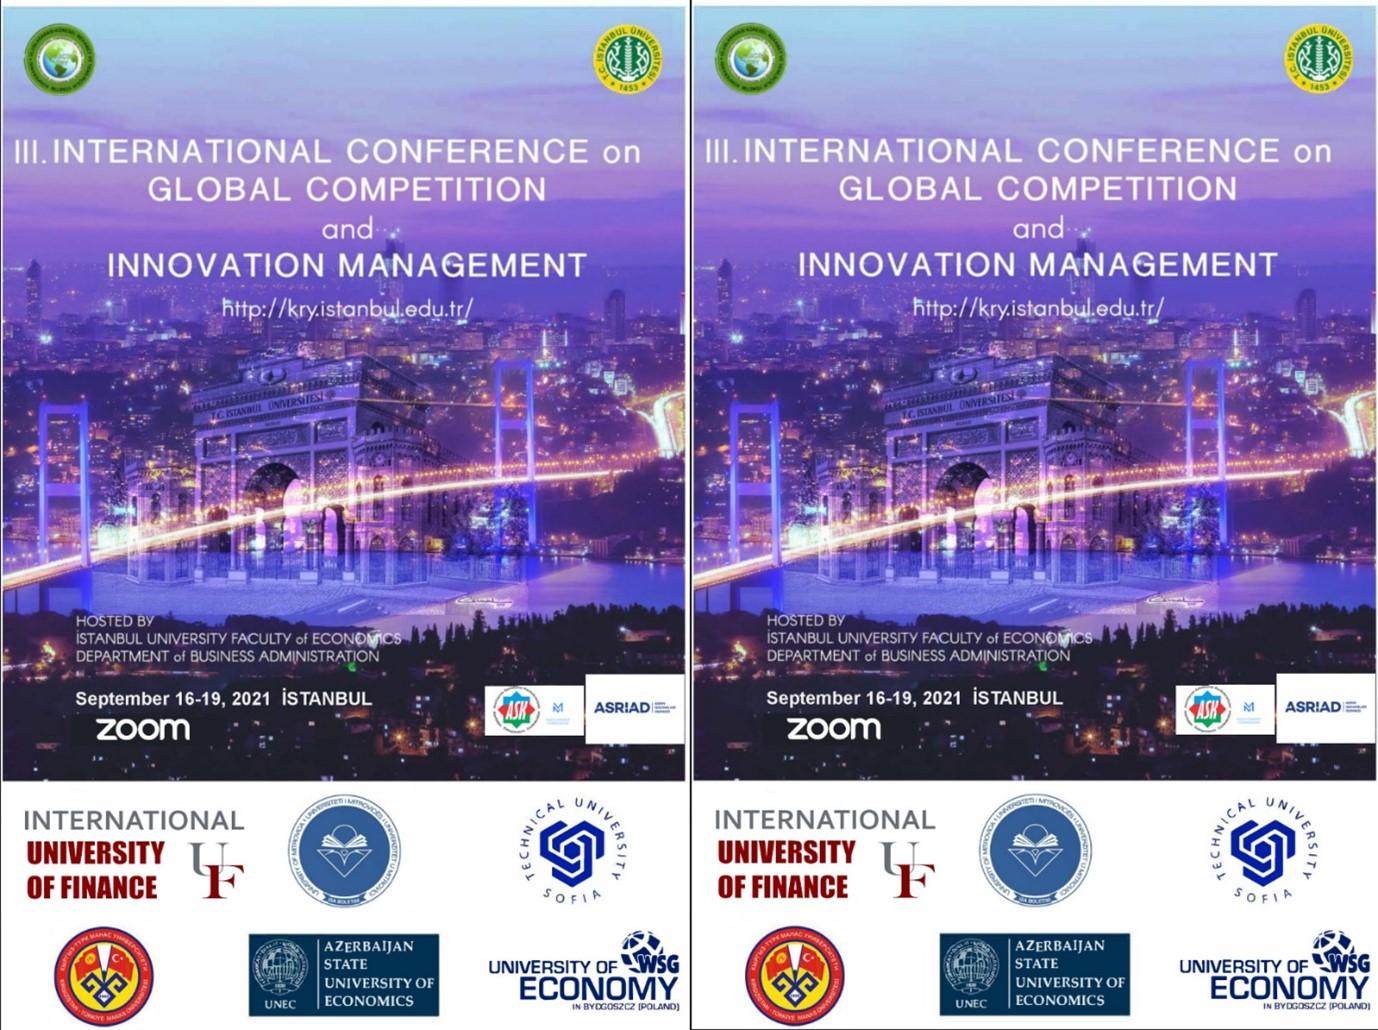 """Dita e dytë e në """"Konferencës së Tretë Ndërkombëtare mbi Menaxhimin e Konkurrencës Globale dhe Inovacionit"""""""